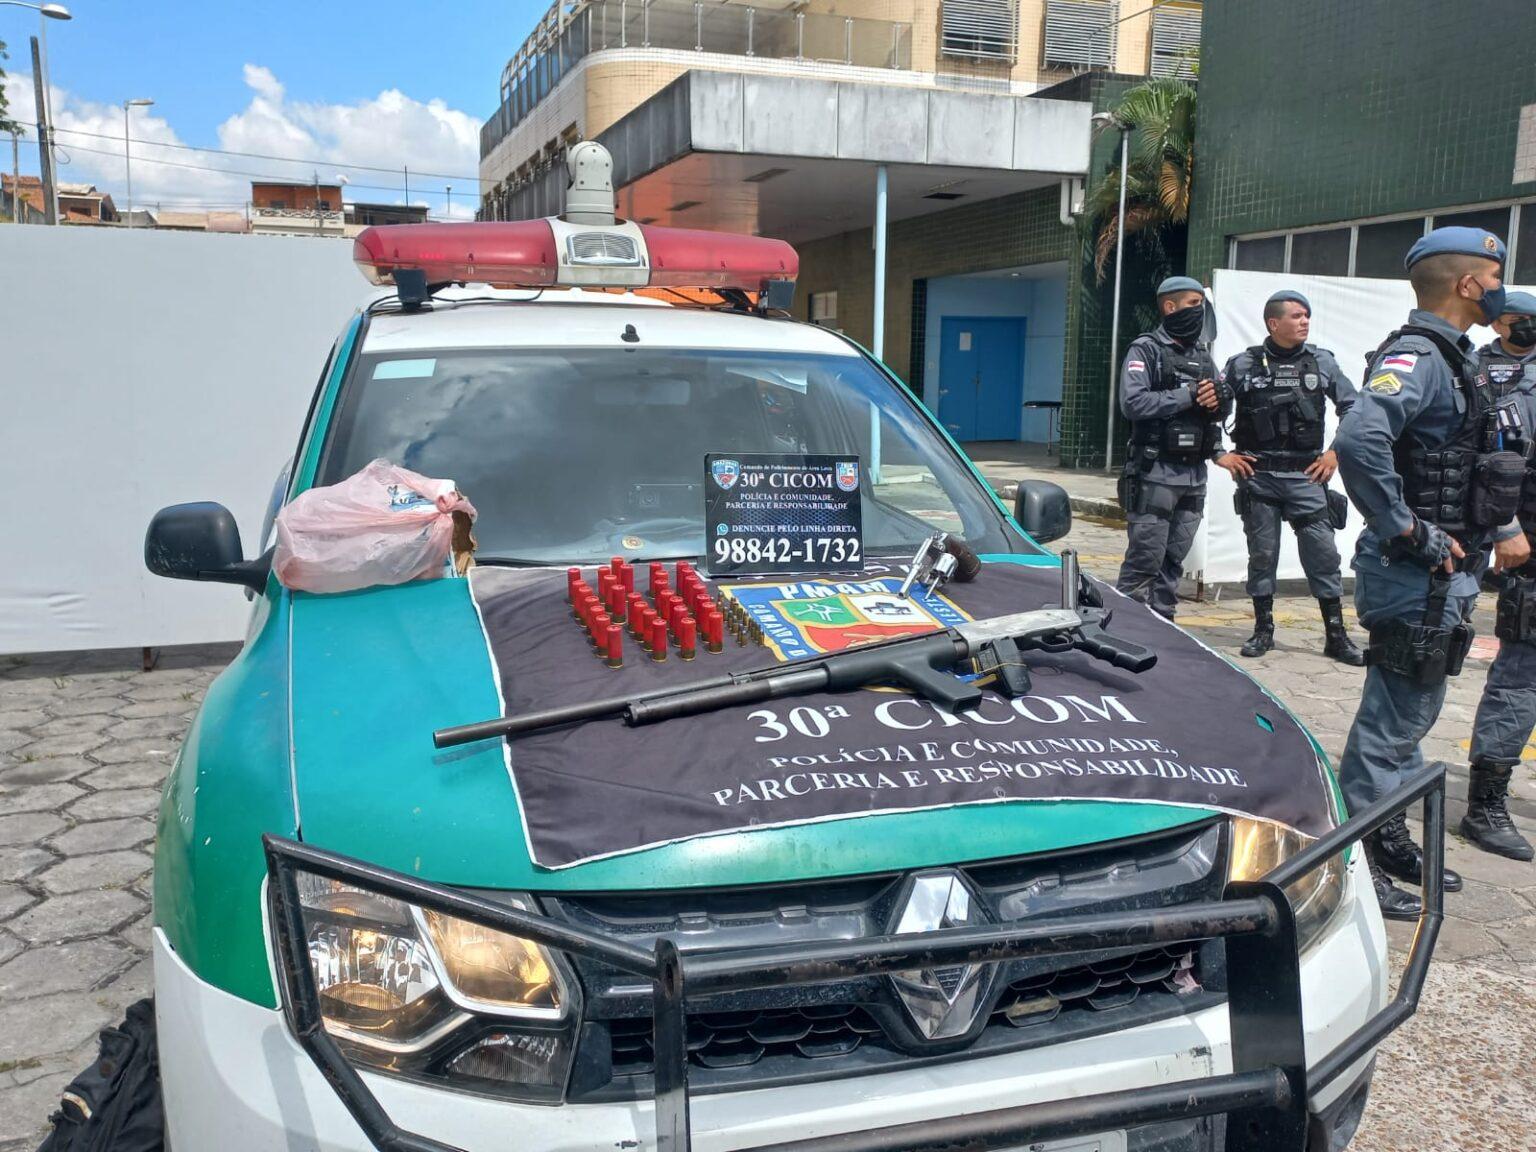 Adolescente de 15 anos é morto no dia do seu aniversário em Manaus